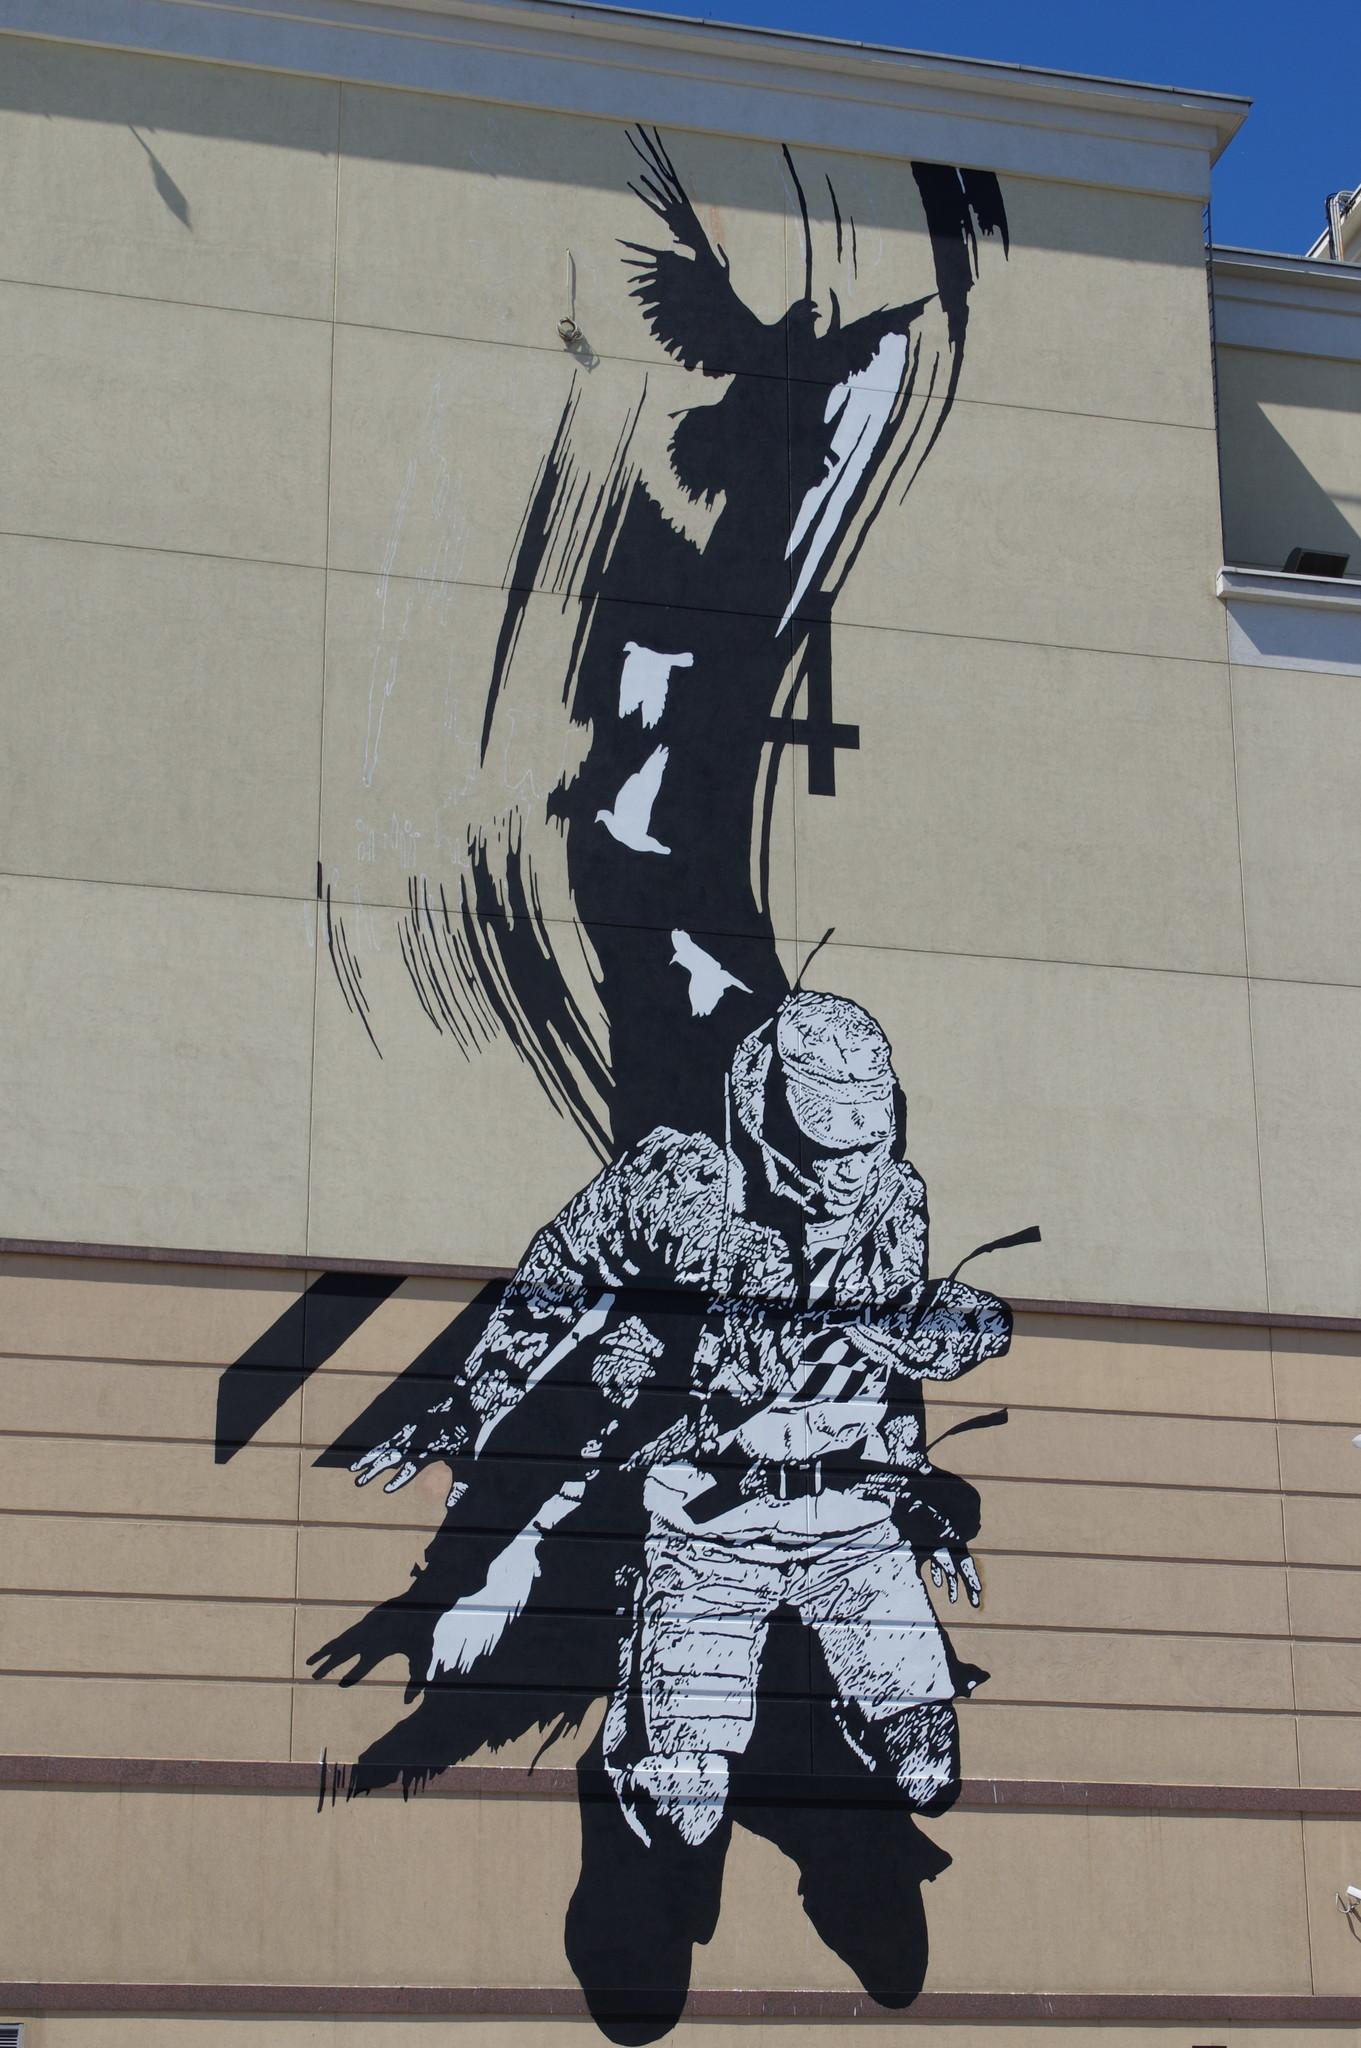 Монохромное изображение на фасаде торгового центра «Атриум» со стороны Курского вокзала. Автор работы француз WK INTERACT